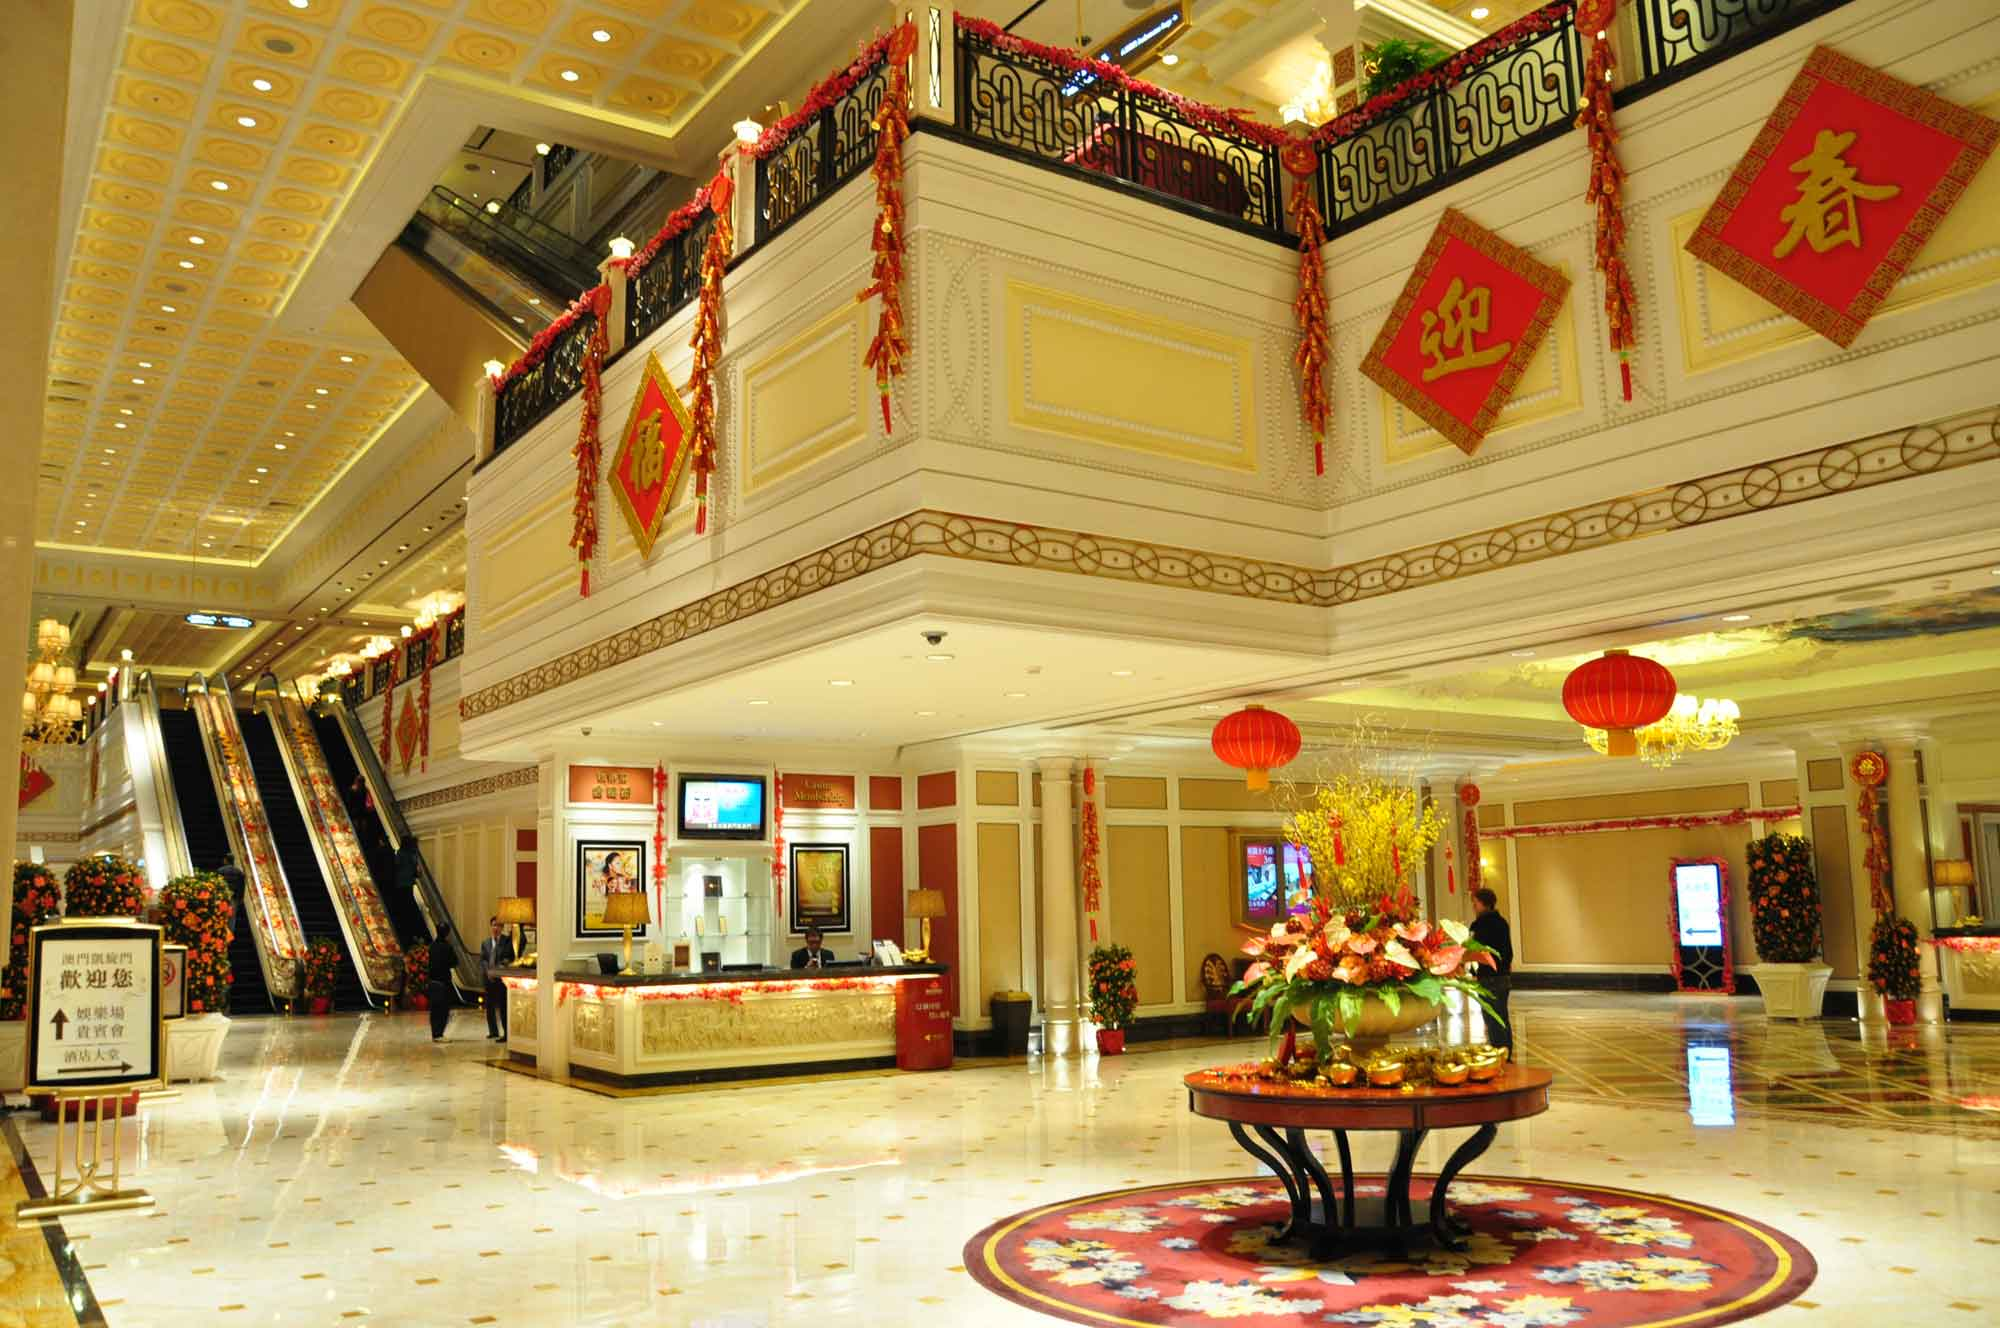 L'Arc Macau Hotel lobby and escalators